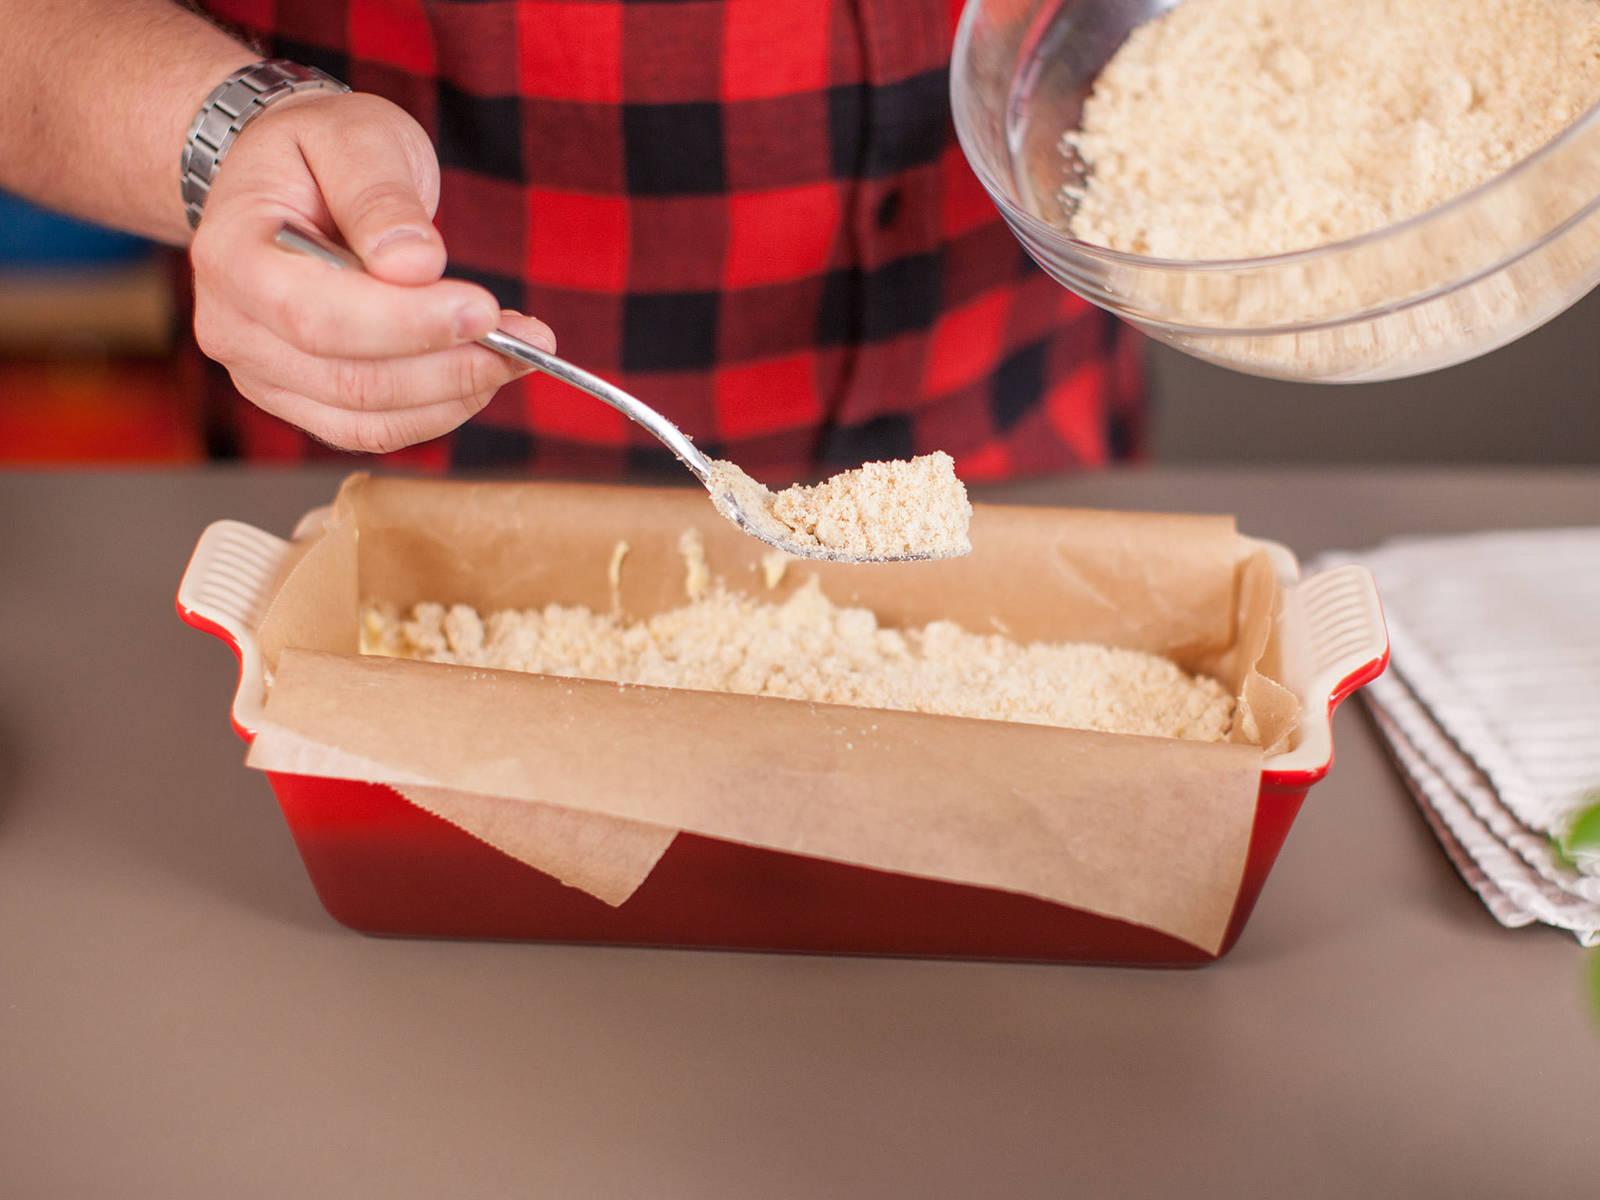 向面包盘中铺上烘焙纸。将面糊倒入面包盘中,并撒上酥粒。放入预热至160摄氏度的烤箱中,烘烤40-45分钟。